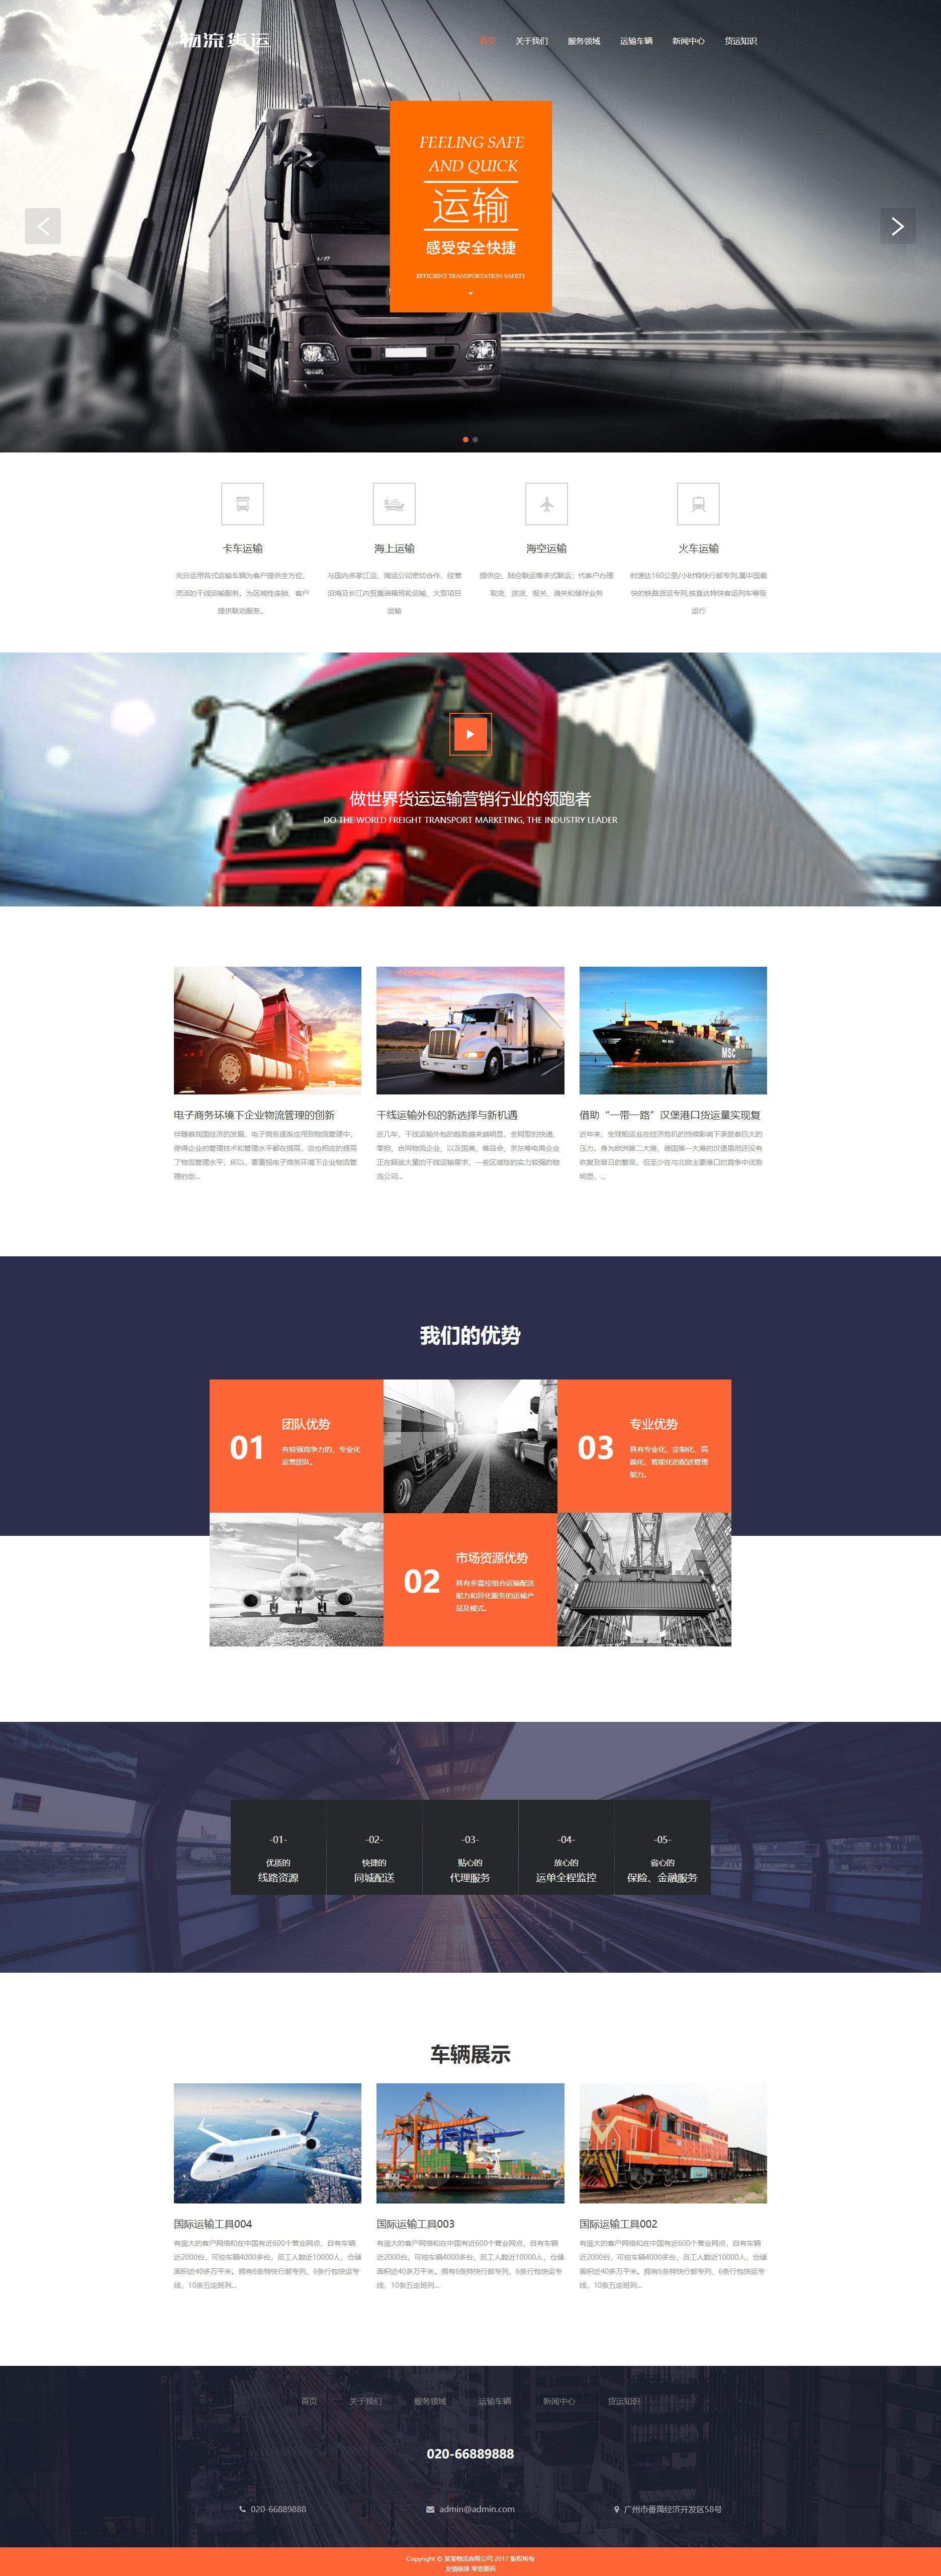 响应式海运空运国际货运物流网站织梦dedecms模板(自适应手机端)